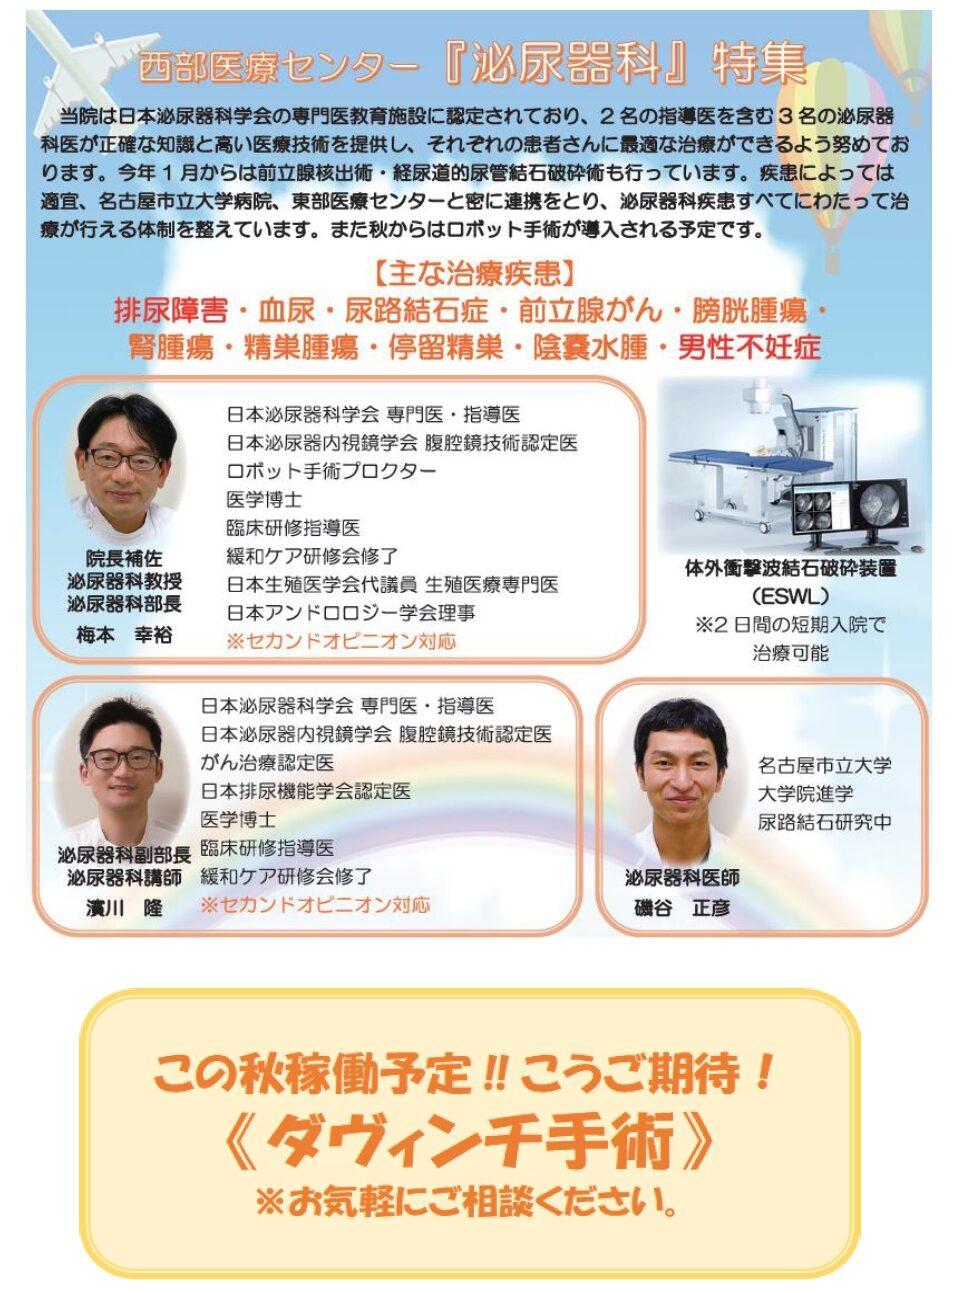 https://www.west-medical-center.med.nagoya-cu.ac.jp/wp-content/uploads/2021/08/b2d0f15ee869ca029256d62809f1ee6c-e1629447101450.jpg